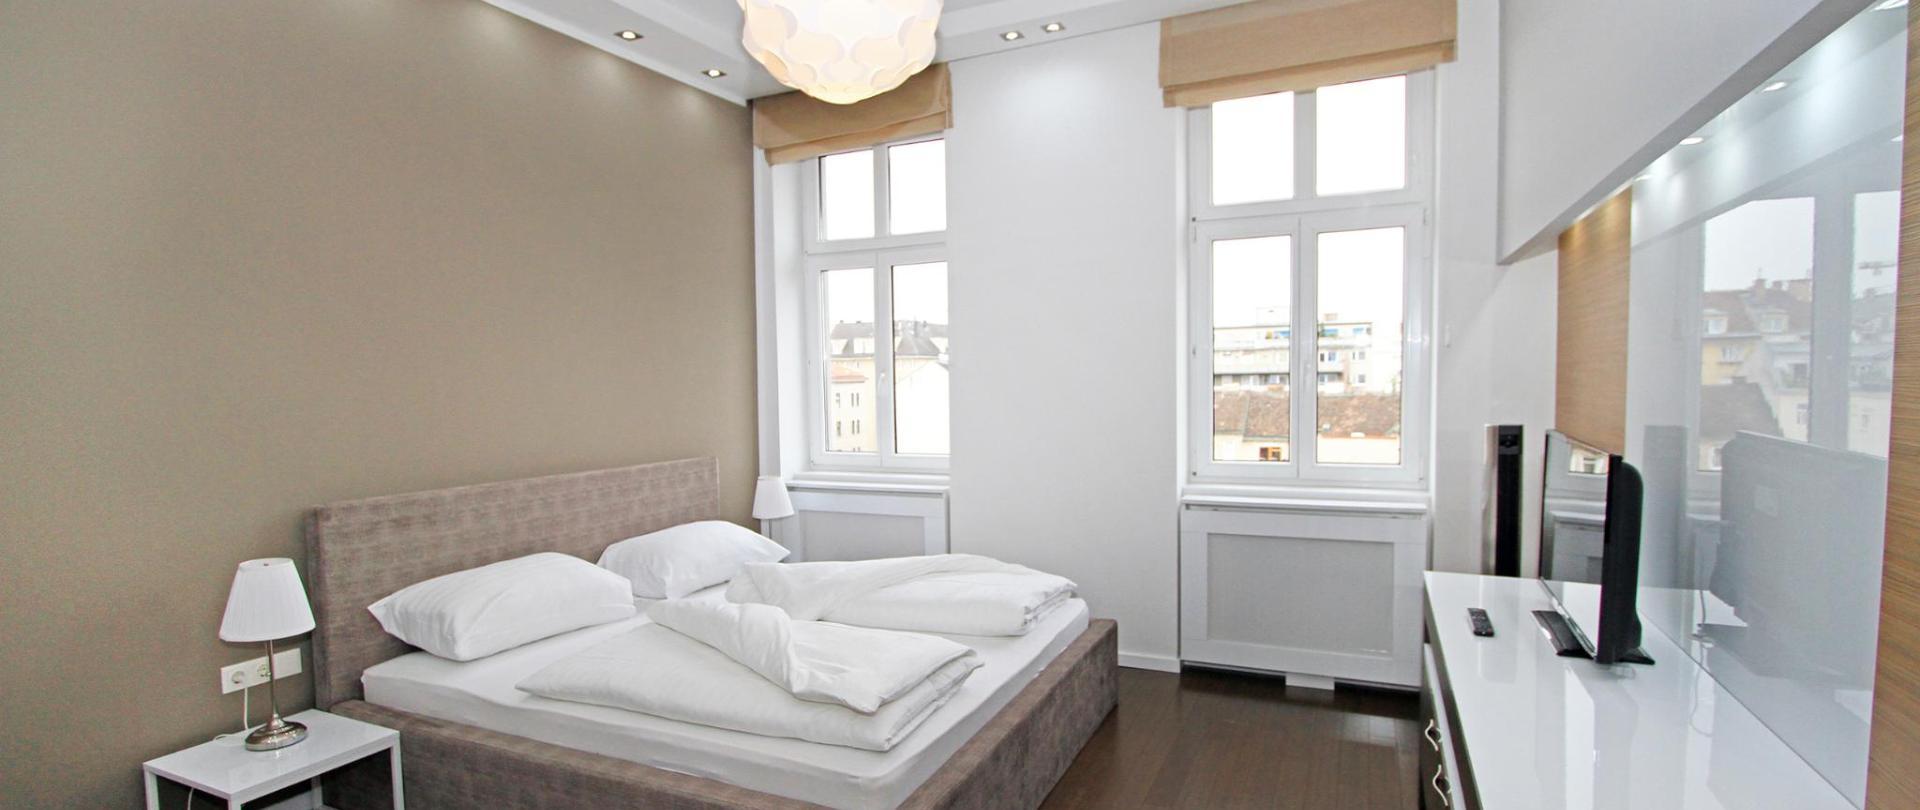 AP 421 Comfort Apartment.jpg